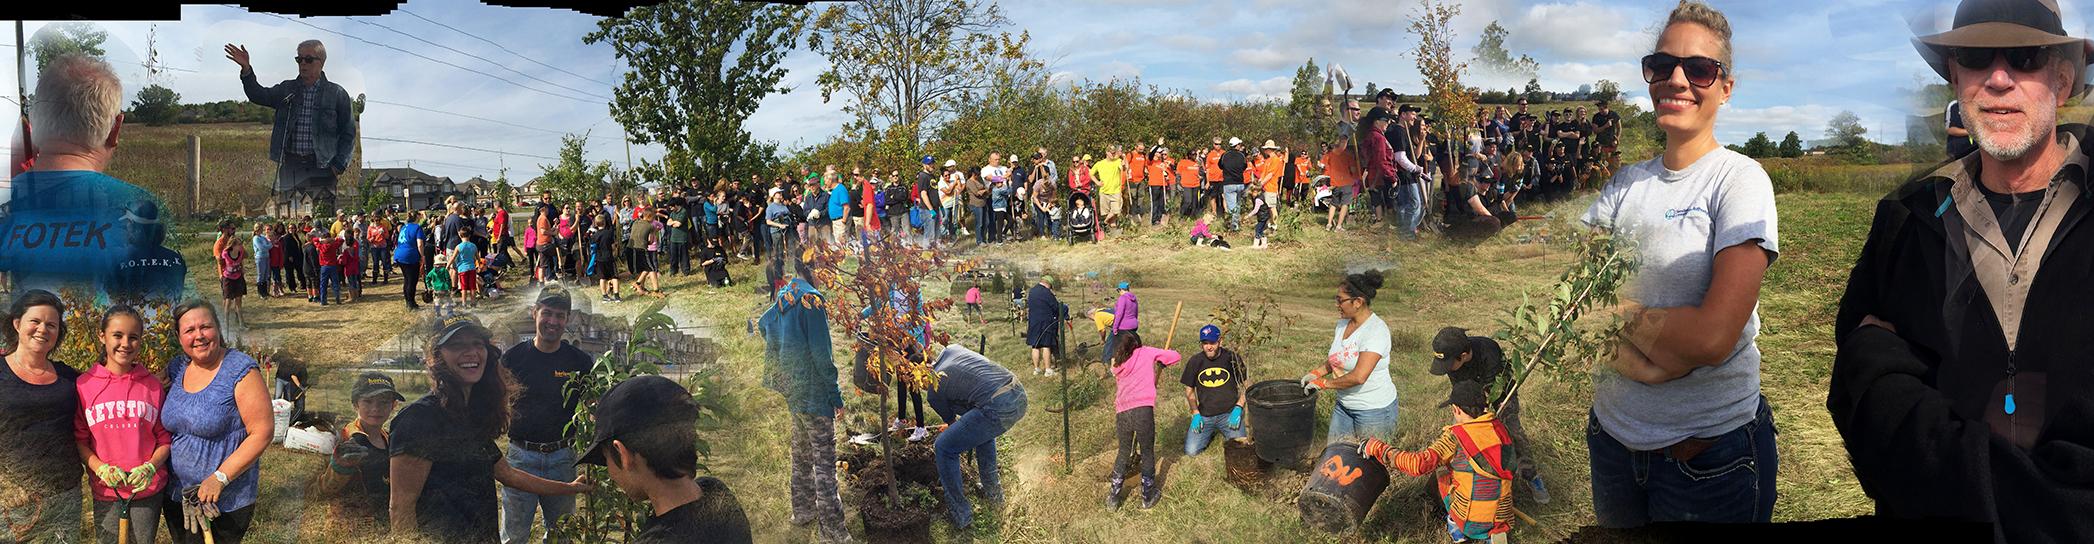 fotek tree planting event photo.png